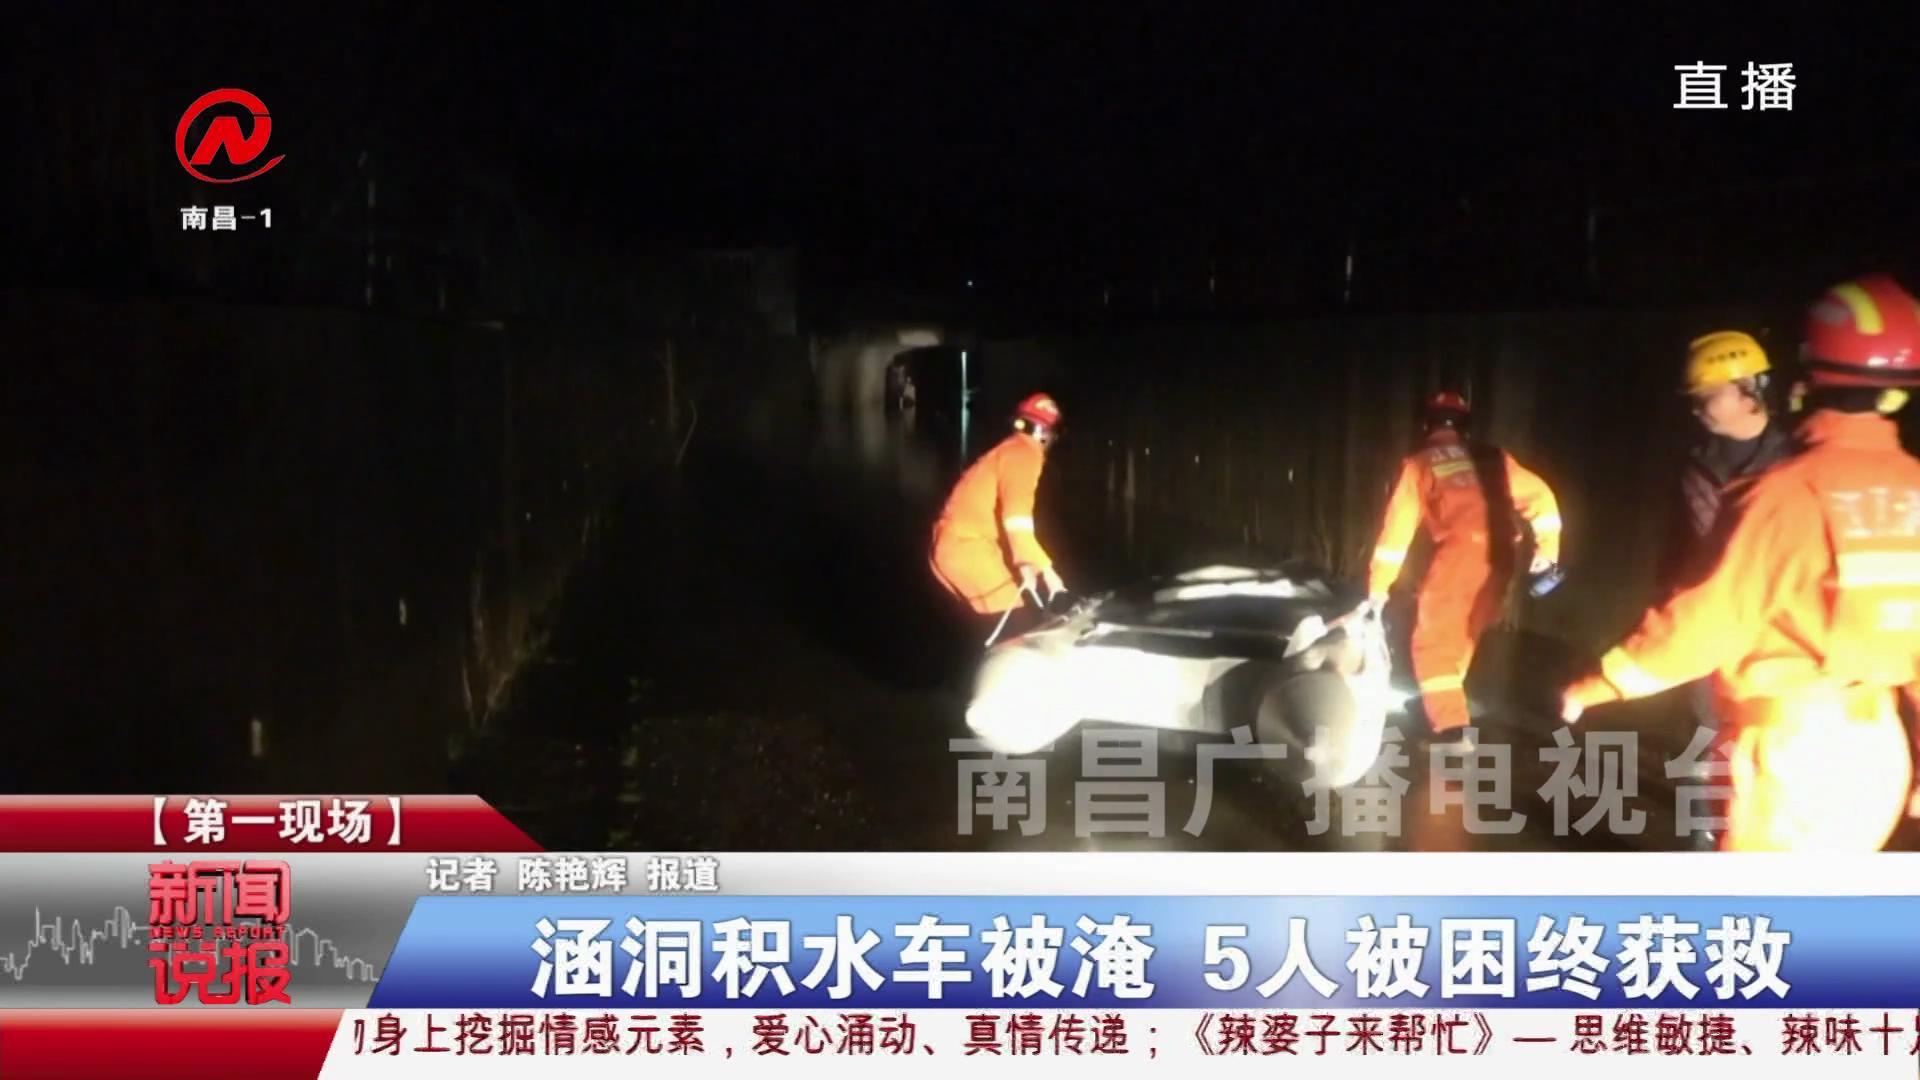 涵洞积水车被淹  5人被困终获救